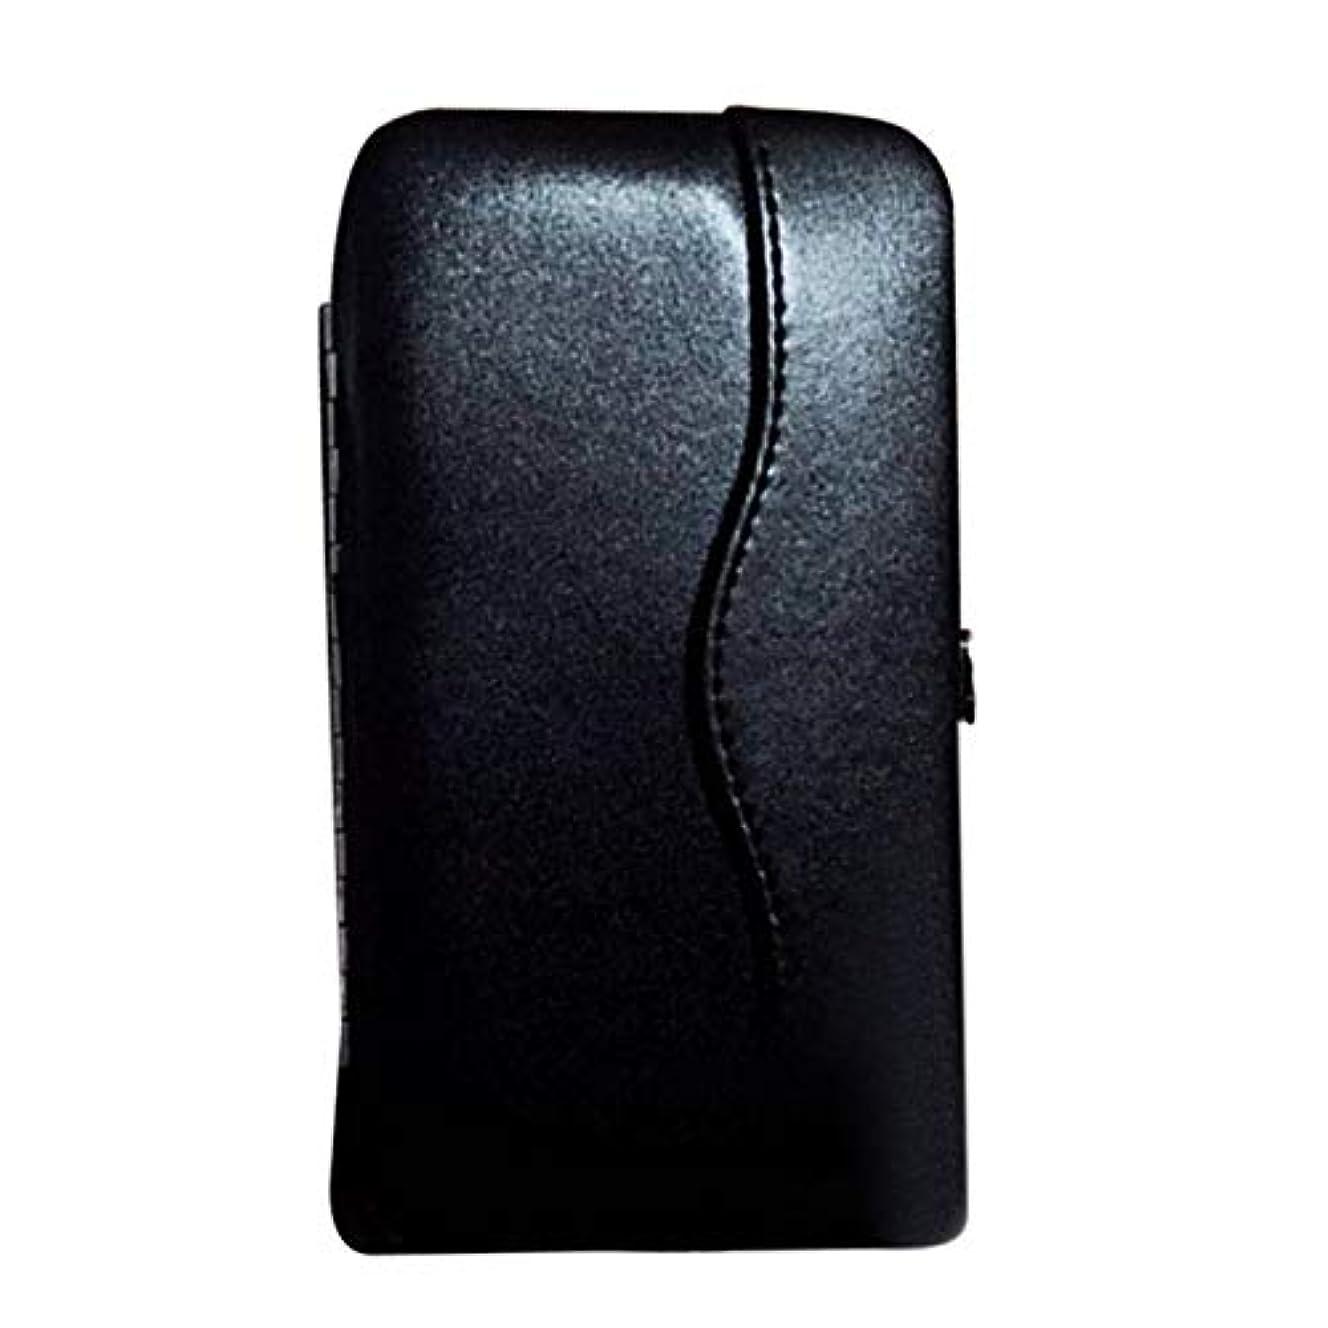 ディレイ遅らせる終わらせるwijaso まつげエクステンションピンセットポータブルツールバッグ用の信頼性の高い美しい新プロメークアップツールストレージボックス(None BK)